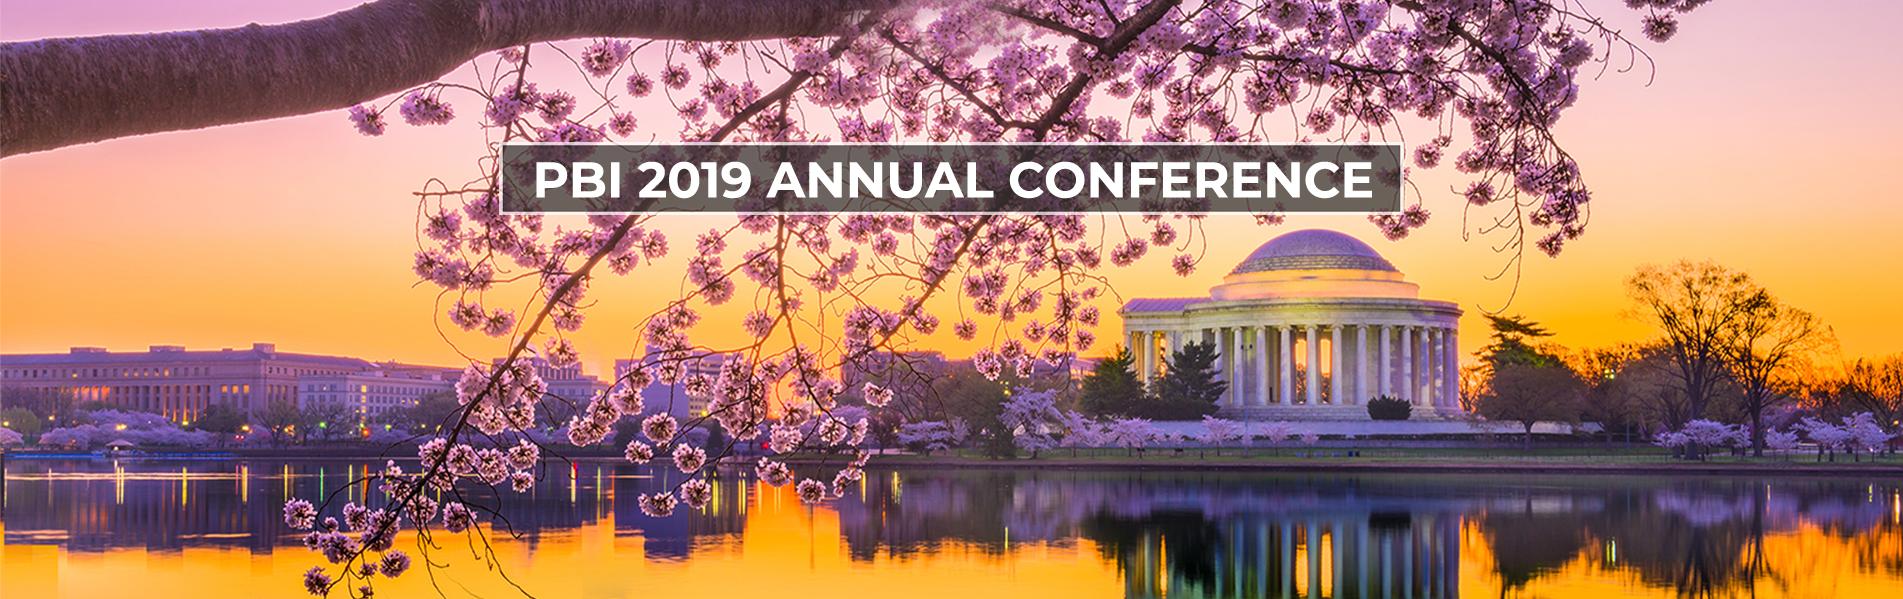 Pro Bono Institute 2019 Annual Conference